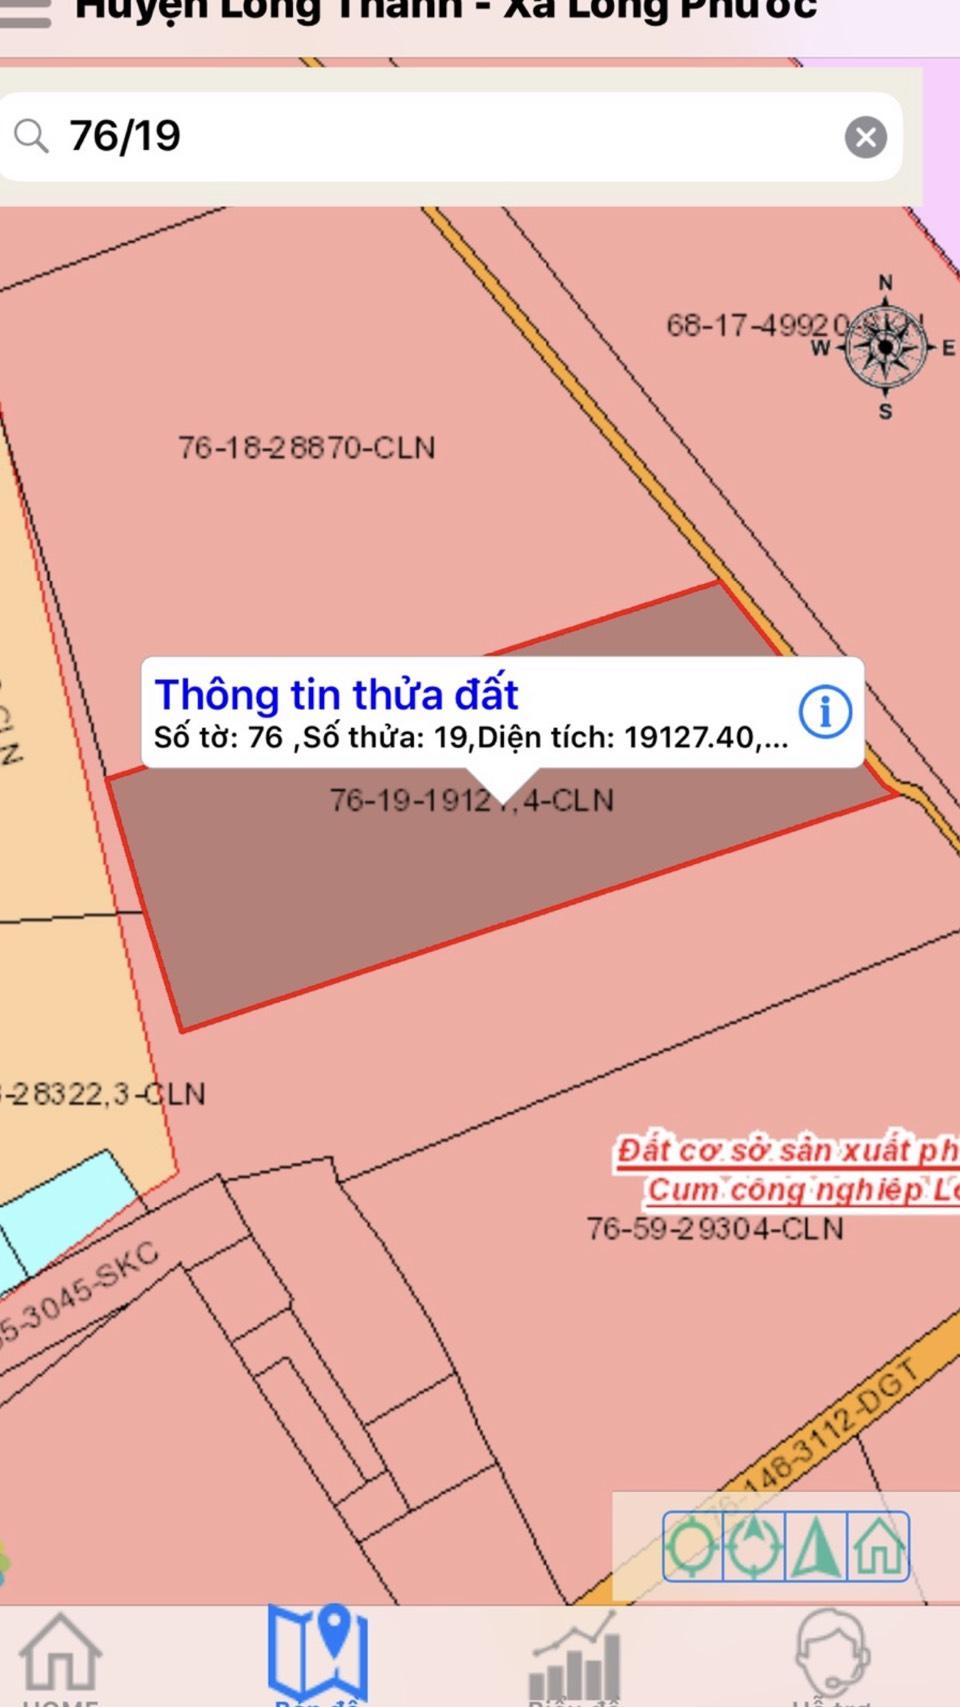 Bán Đất Long Phước, Long Thành, Đồng Nai 20.000m Giá 16 tỷ